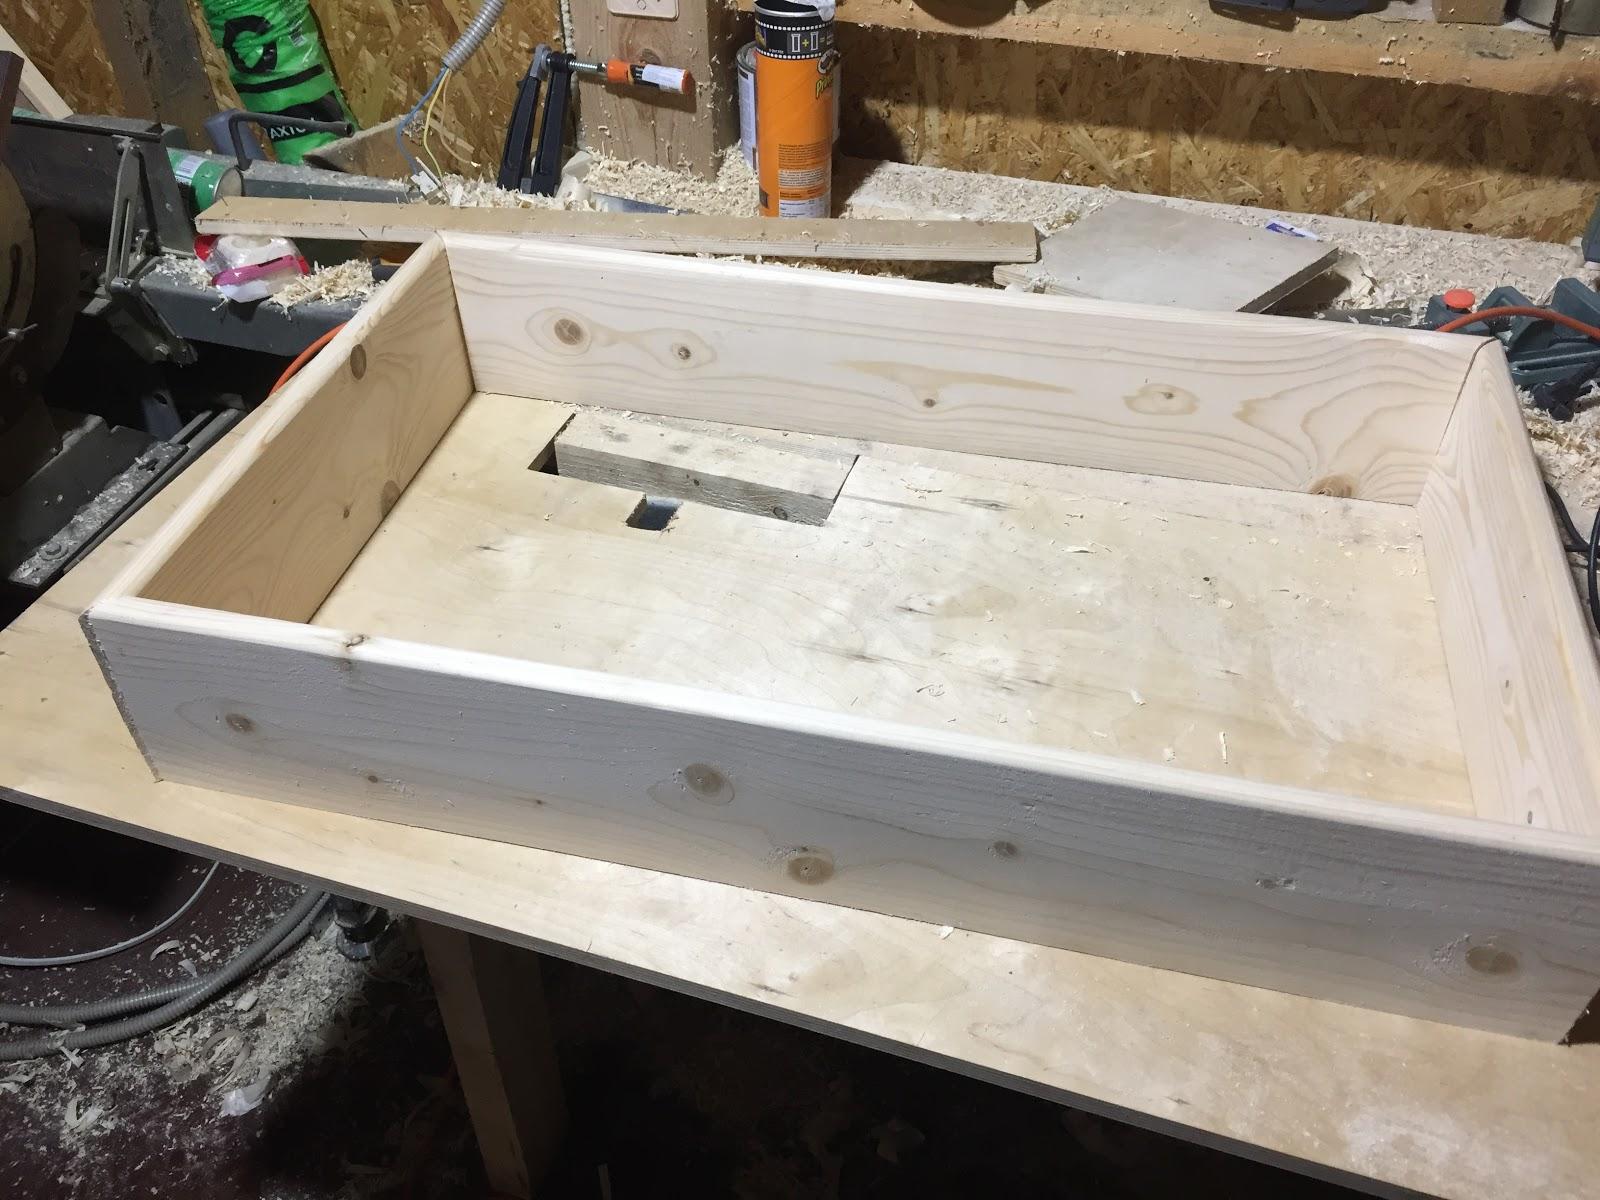 Столярная мастерская своими руками: ожидания и реальность - 15